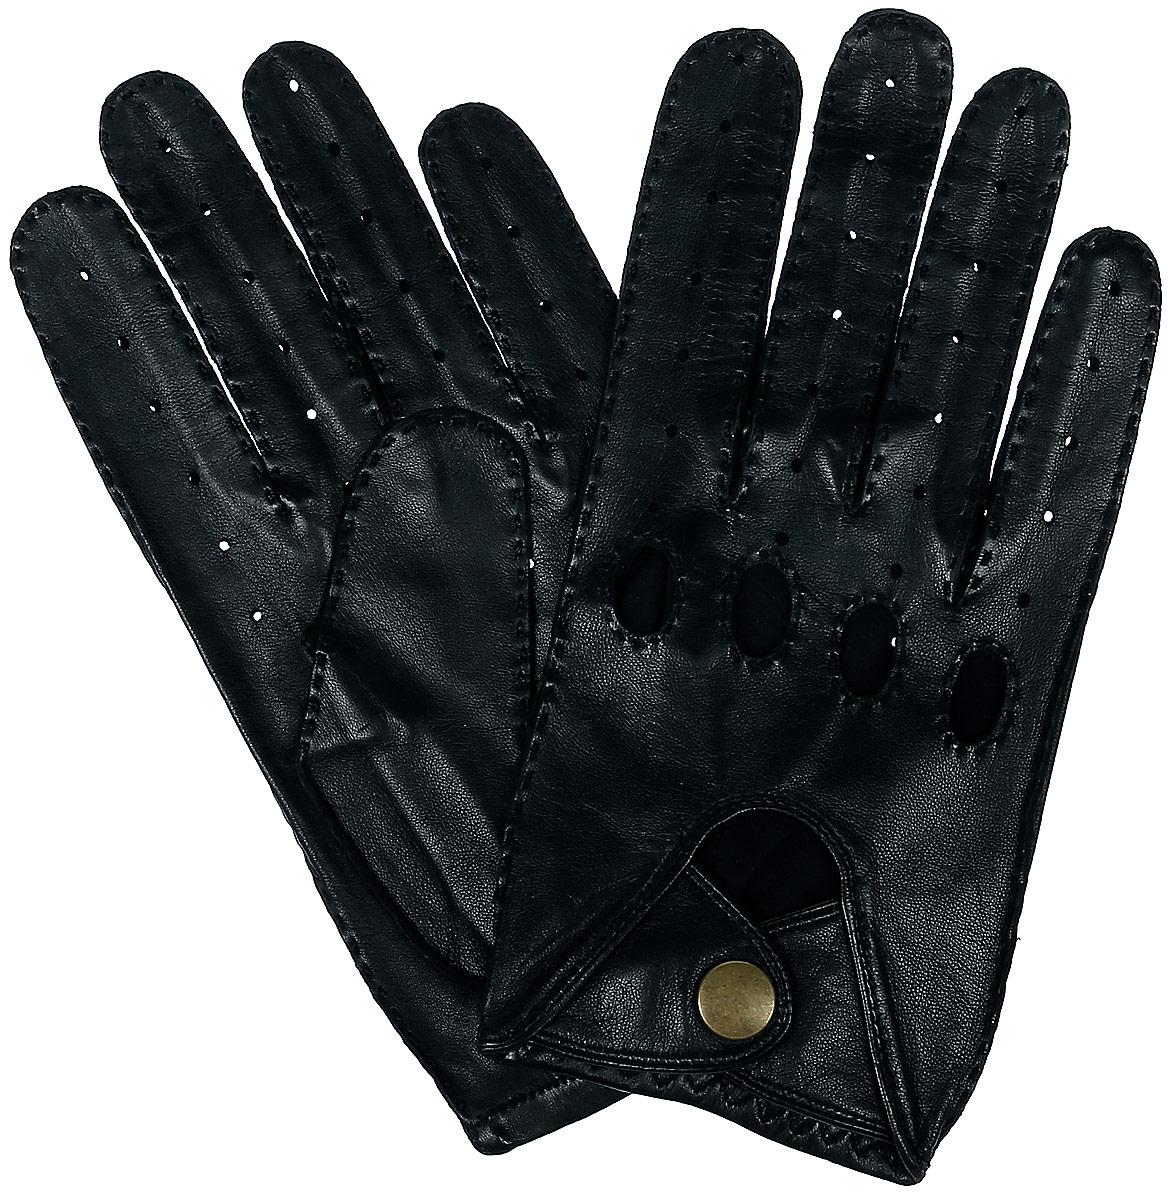 Автомобильные перчаткиALM1/BL//11Стильные автомобильные перчатки позволяют сделать управление автомобилем максимально комфортным и безопасным. Изготовлены перчатки из натуральной кожи и дополнены с внешней стороны хлястиком на кнопке. Летом в перчатках комфортно благодаря специальным вентиляционным отверстиям и перфорации, зимой - холодный руль больше не доставит неудобств.